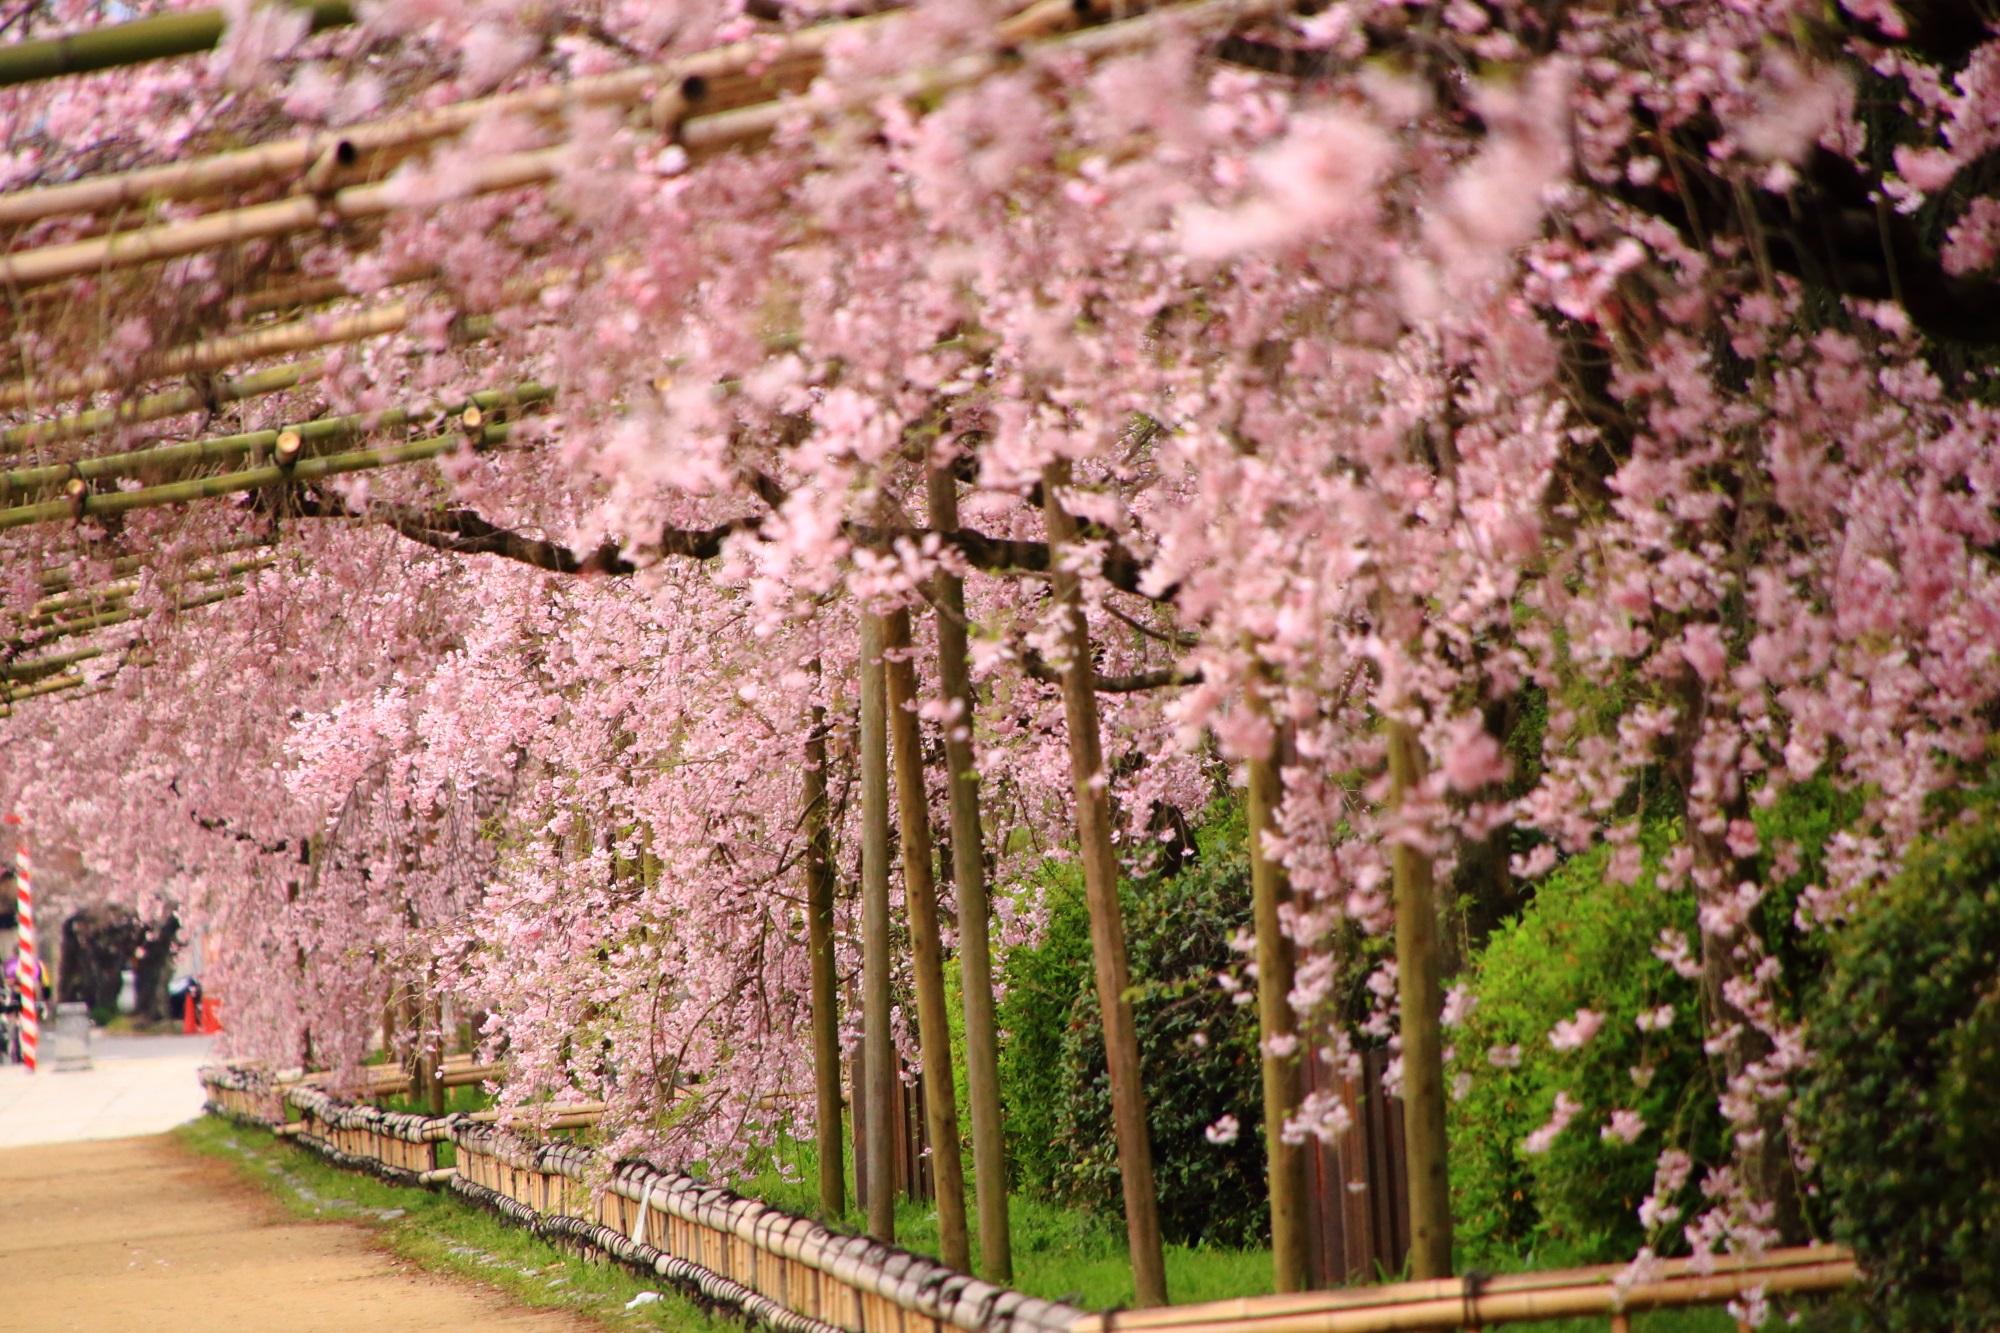 半木の道の華やかなピンクの桜のトンネル